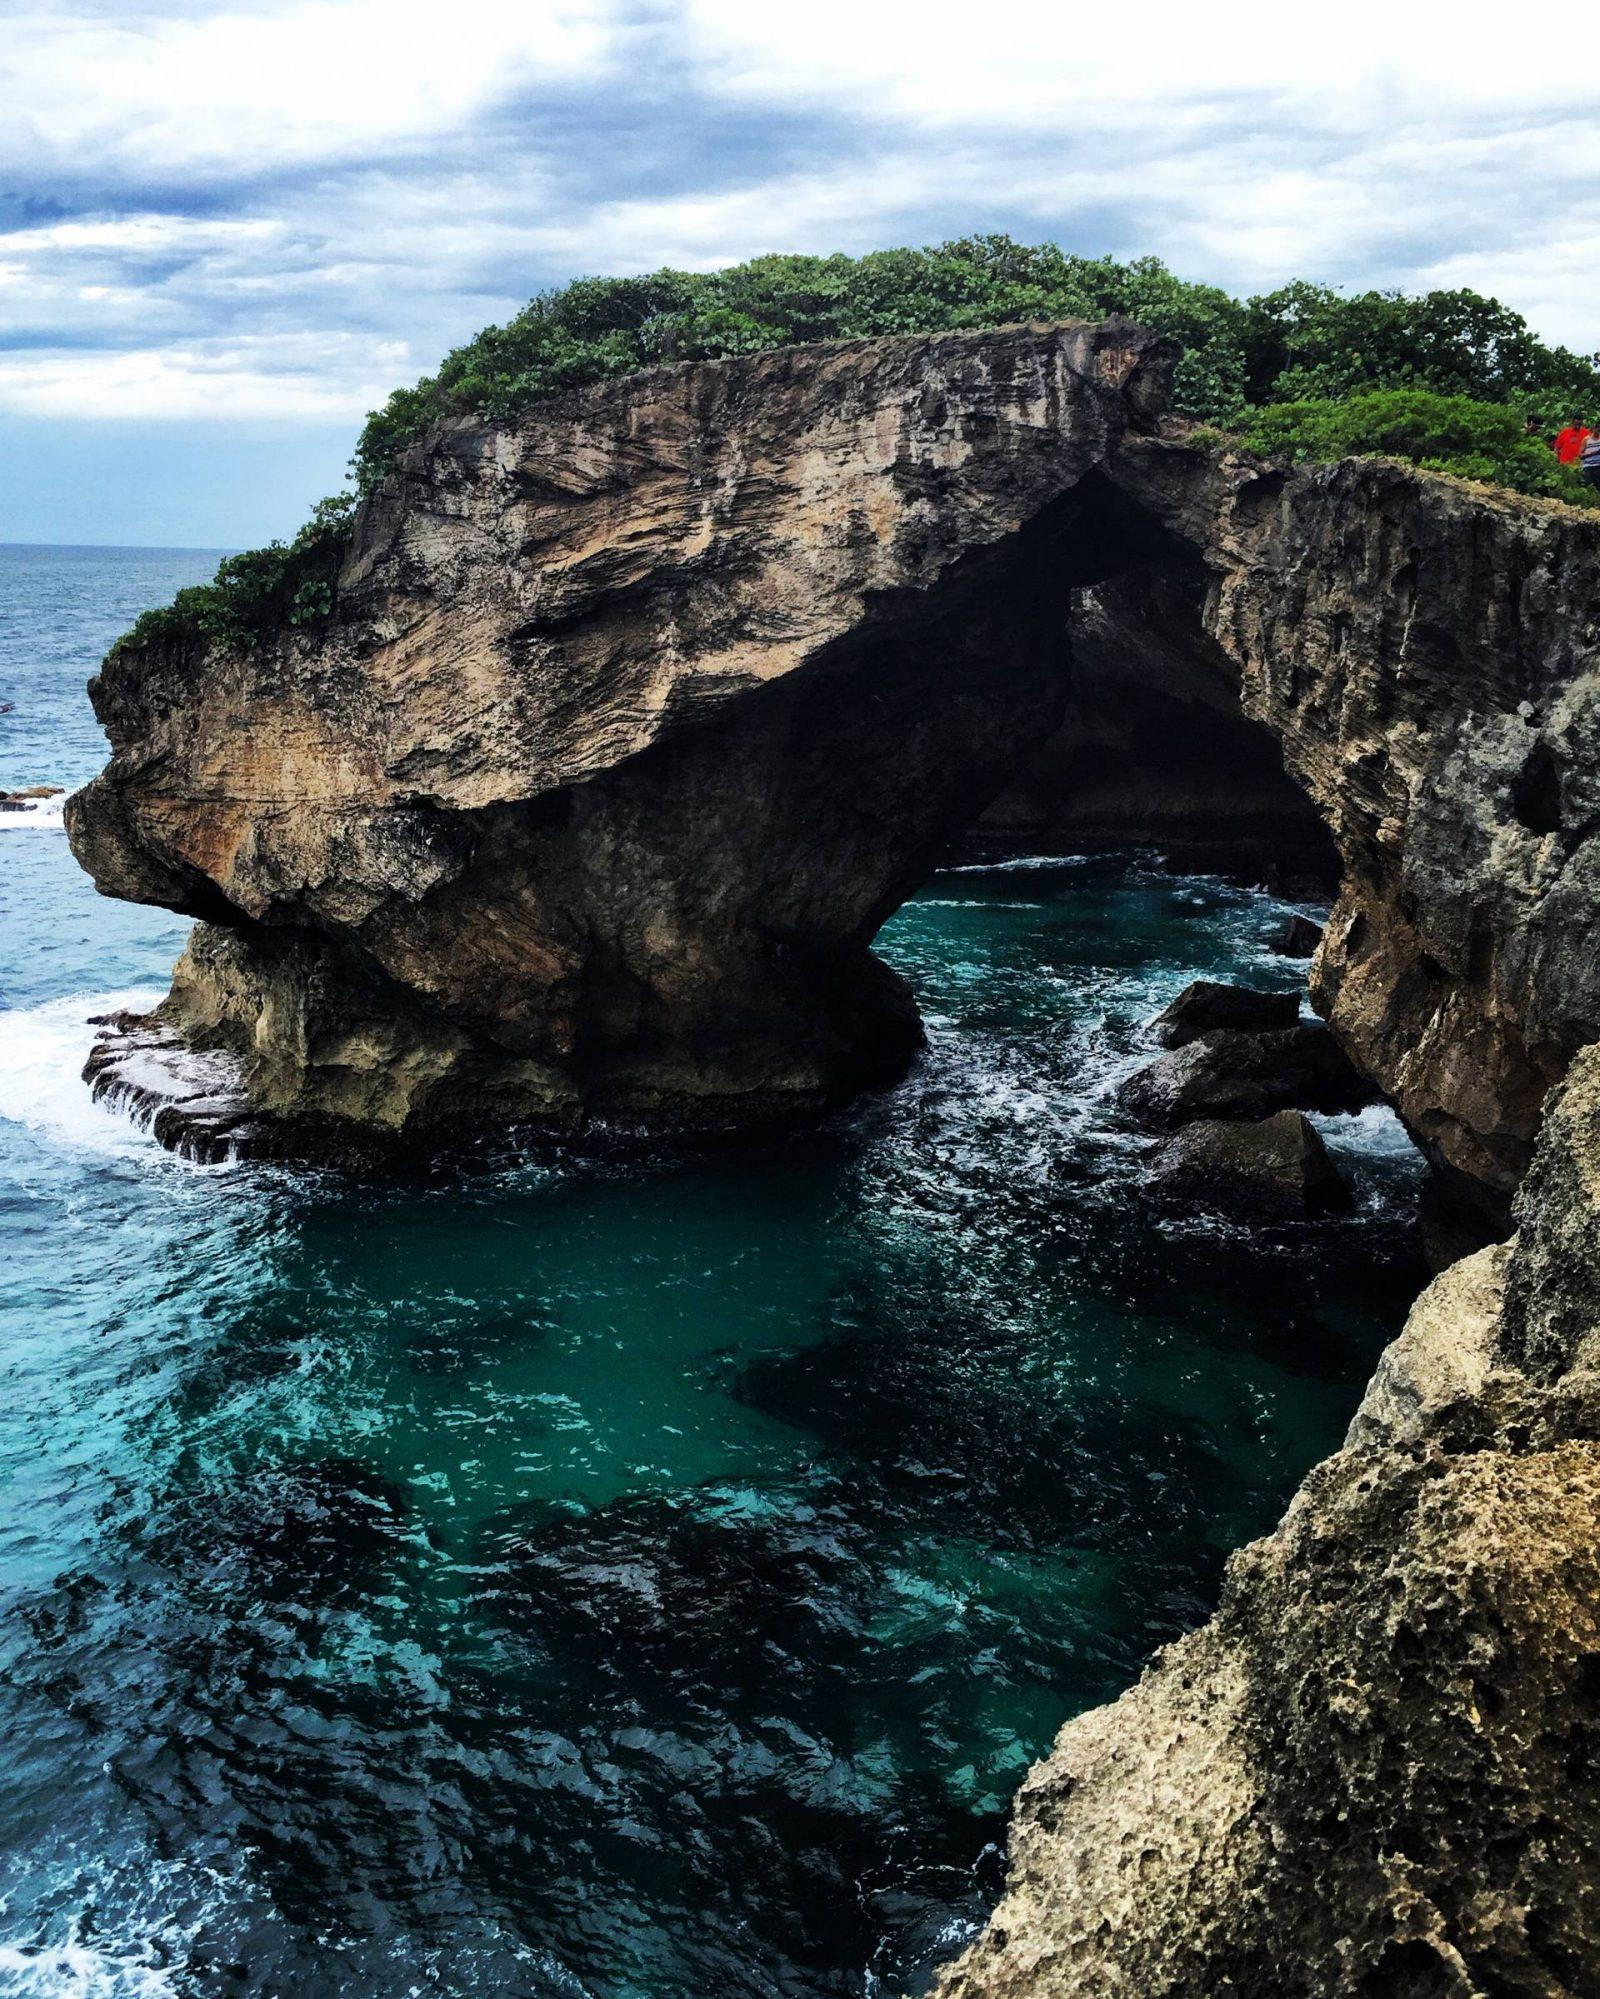 Exploring La Cueva del Indio in Arecibo, Puerto Rico